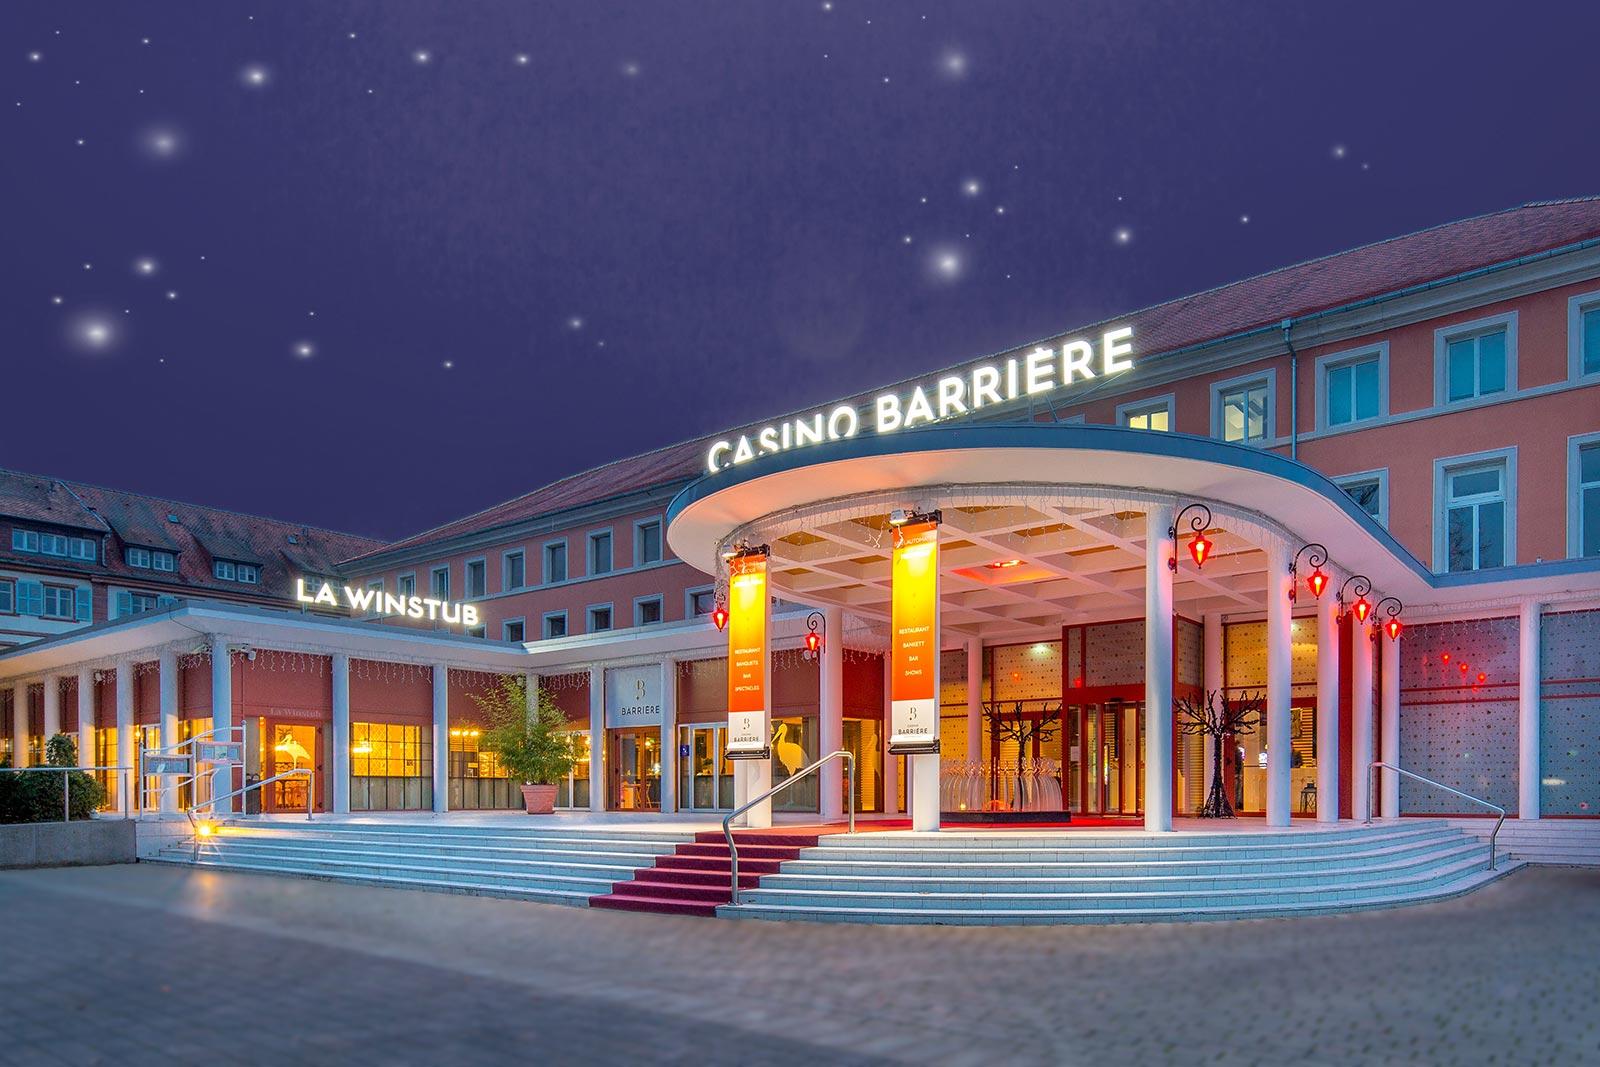 Casino Barrière, Niederbronn-les-Bains, Alsace